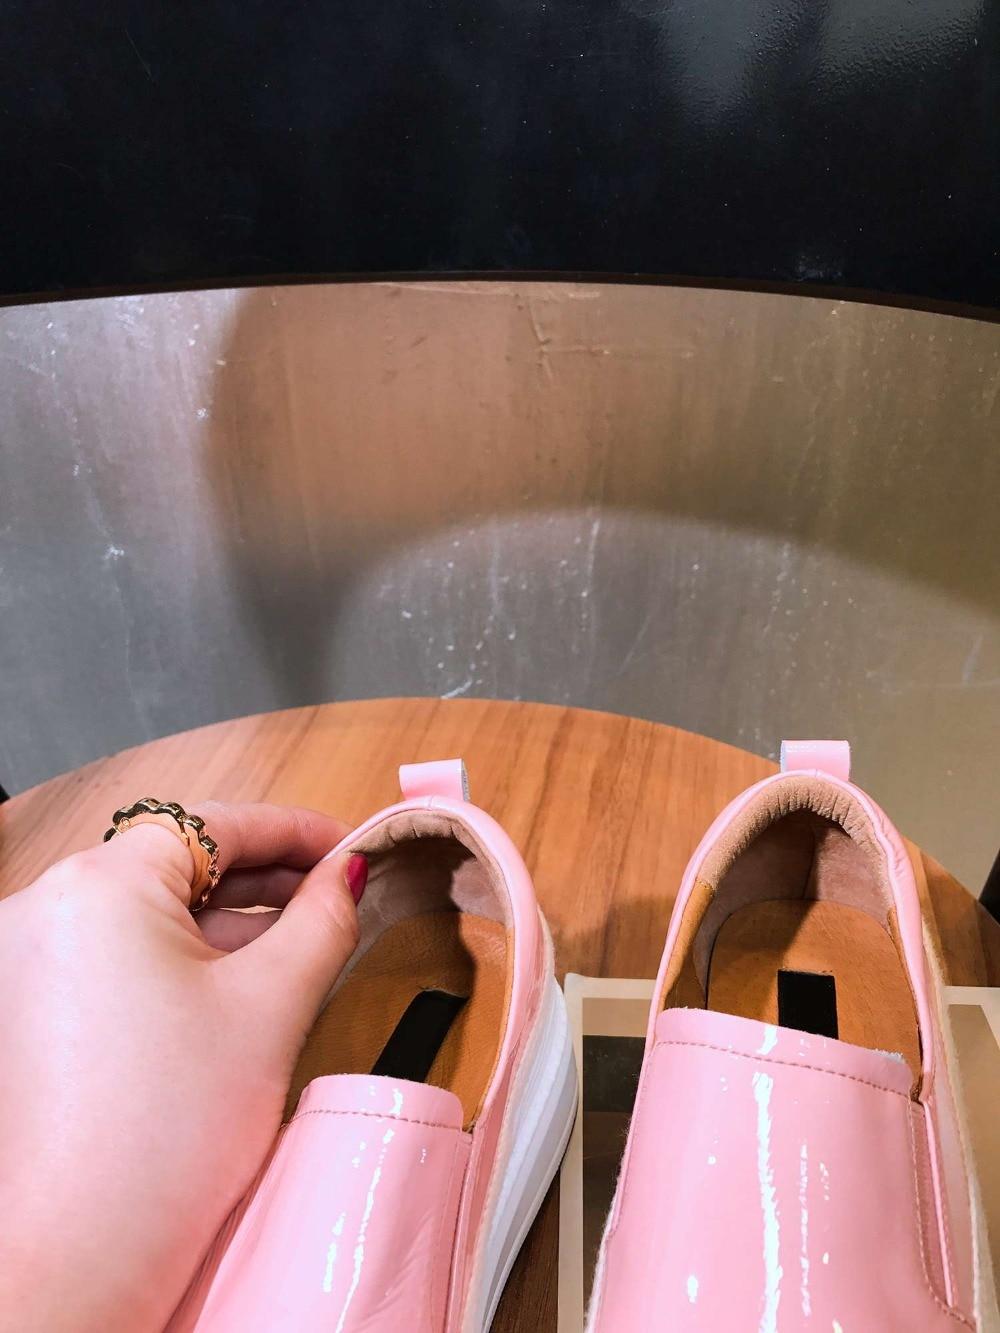 2019 موجزة نمط المتسكعون جولة اصبع القدم سميكة ميد أسفل منصة الجلود والحبوب الكاملة زلة على لباس غير رسمي امرأة أحذية مفلكنة L18-في أحذية مطاطية نسائية من أحذية على  مجموعة 2